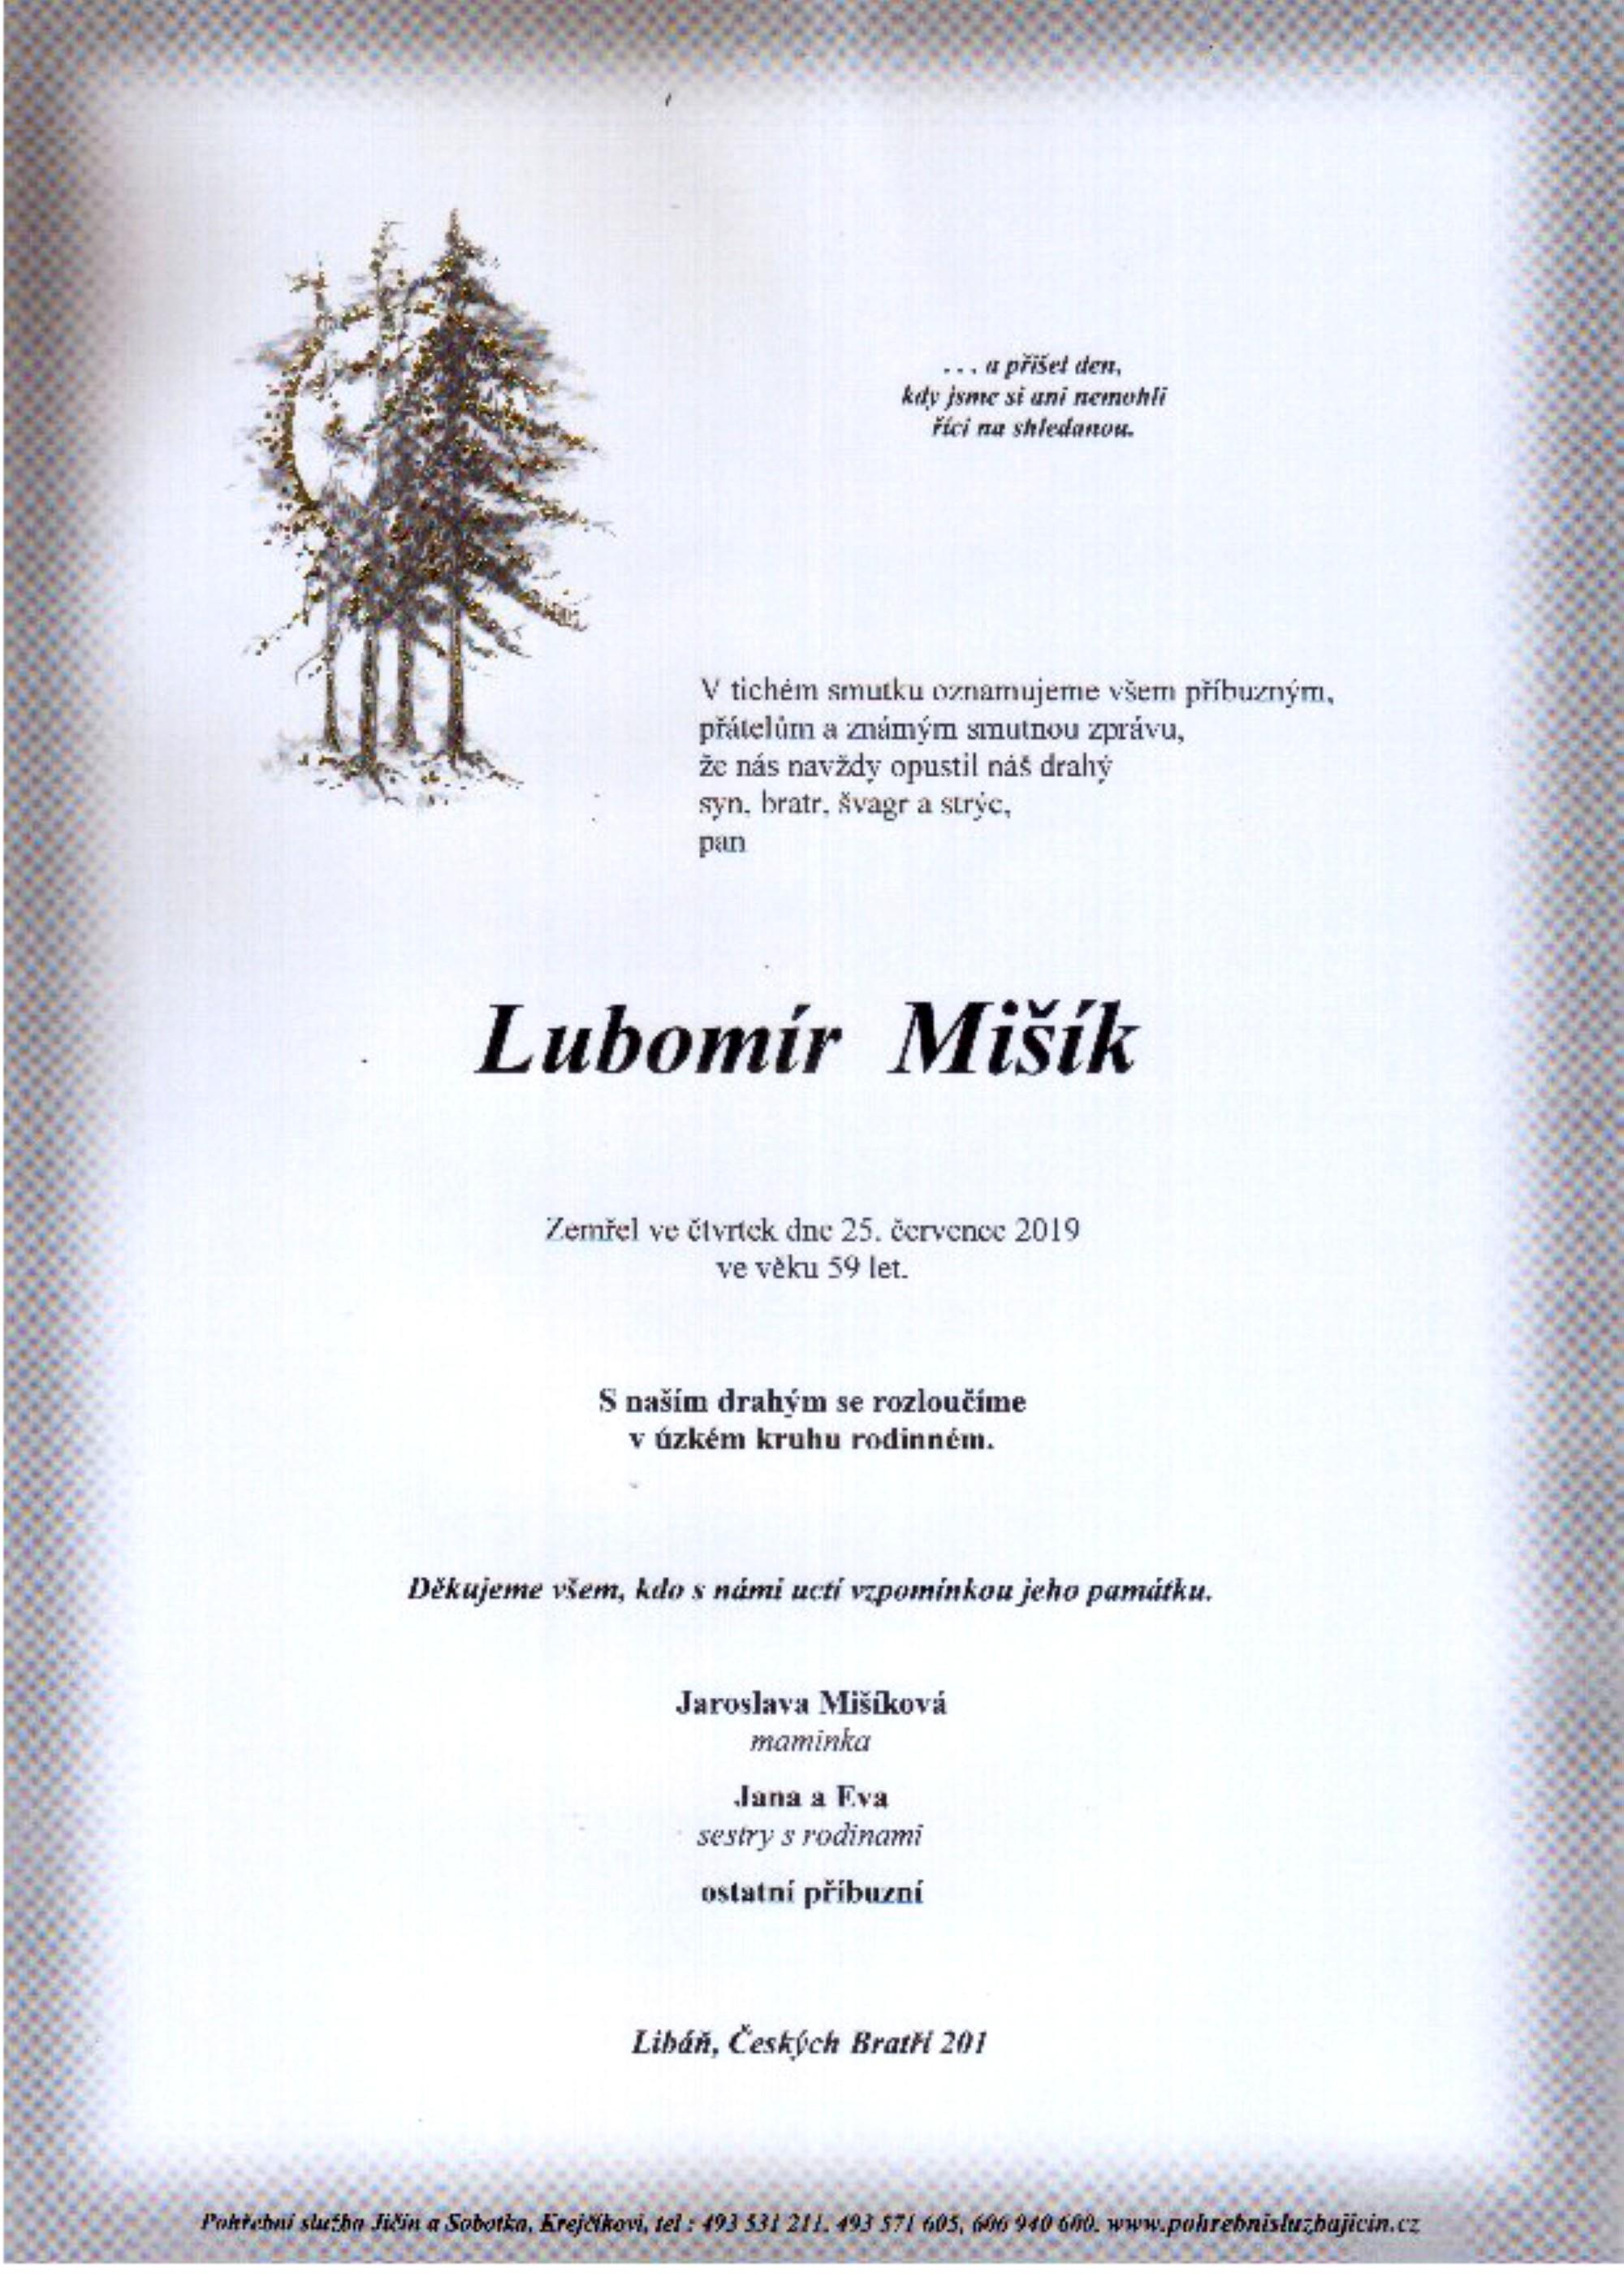 Lubomír Mišík